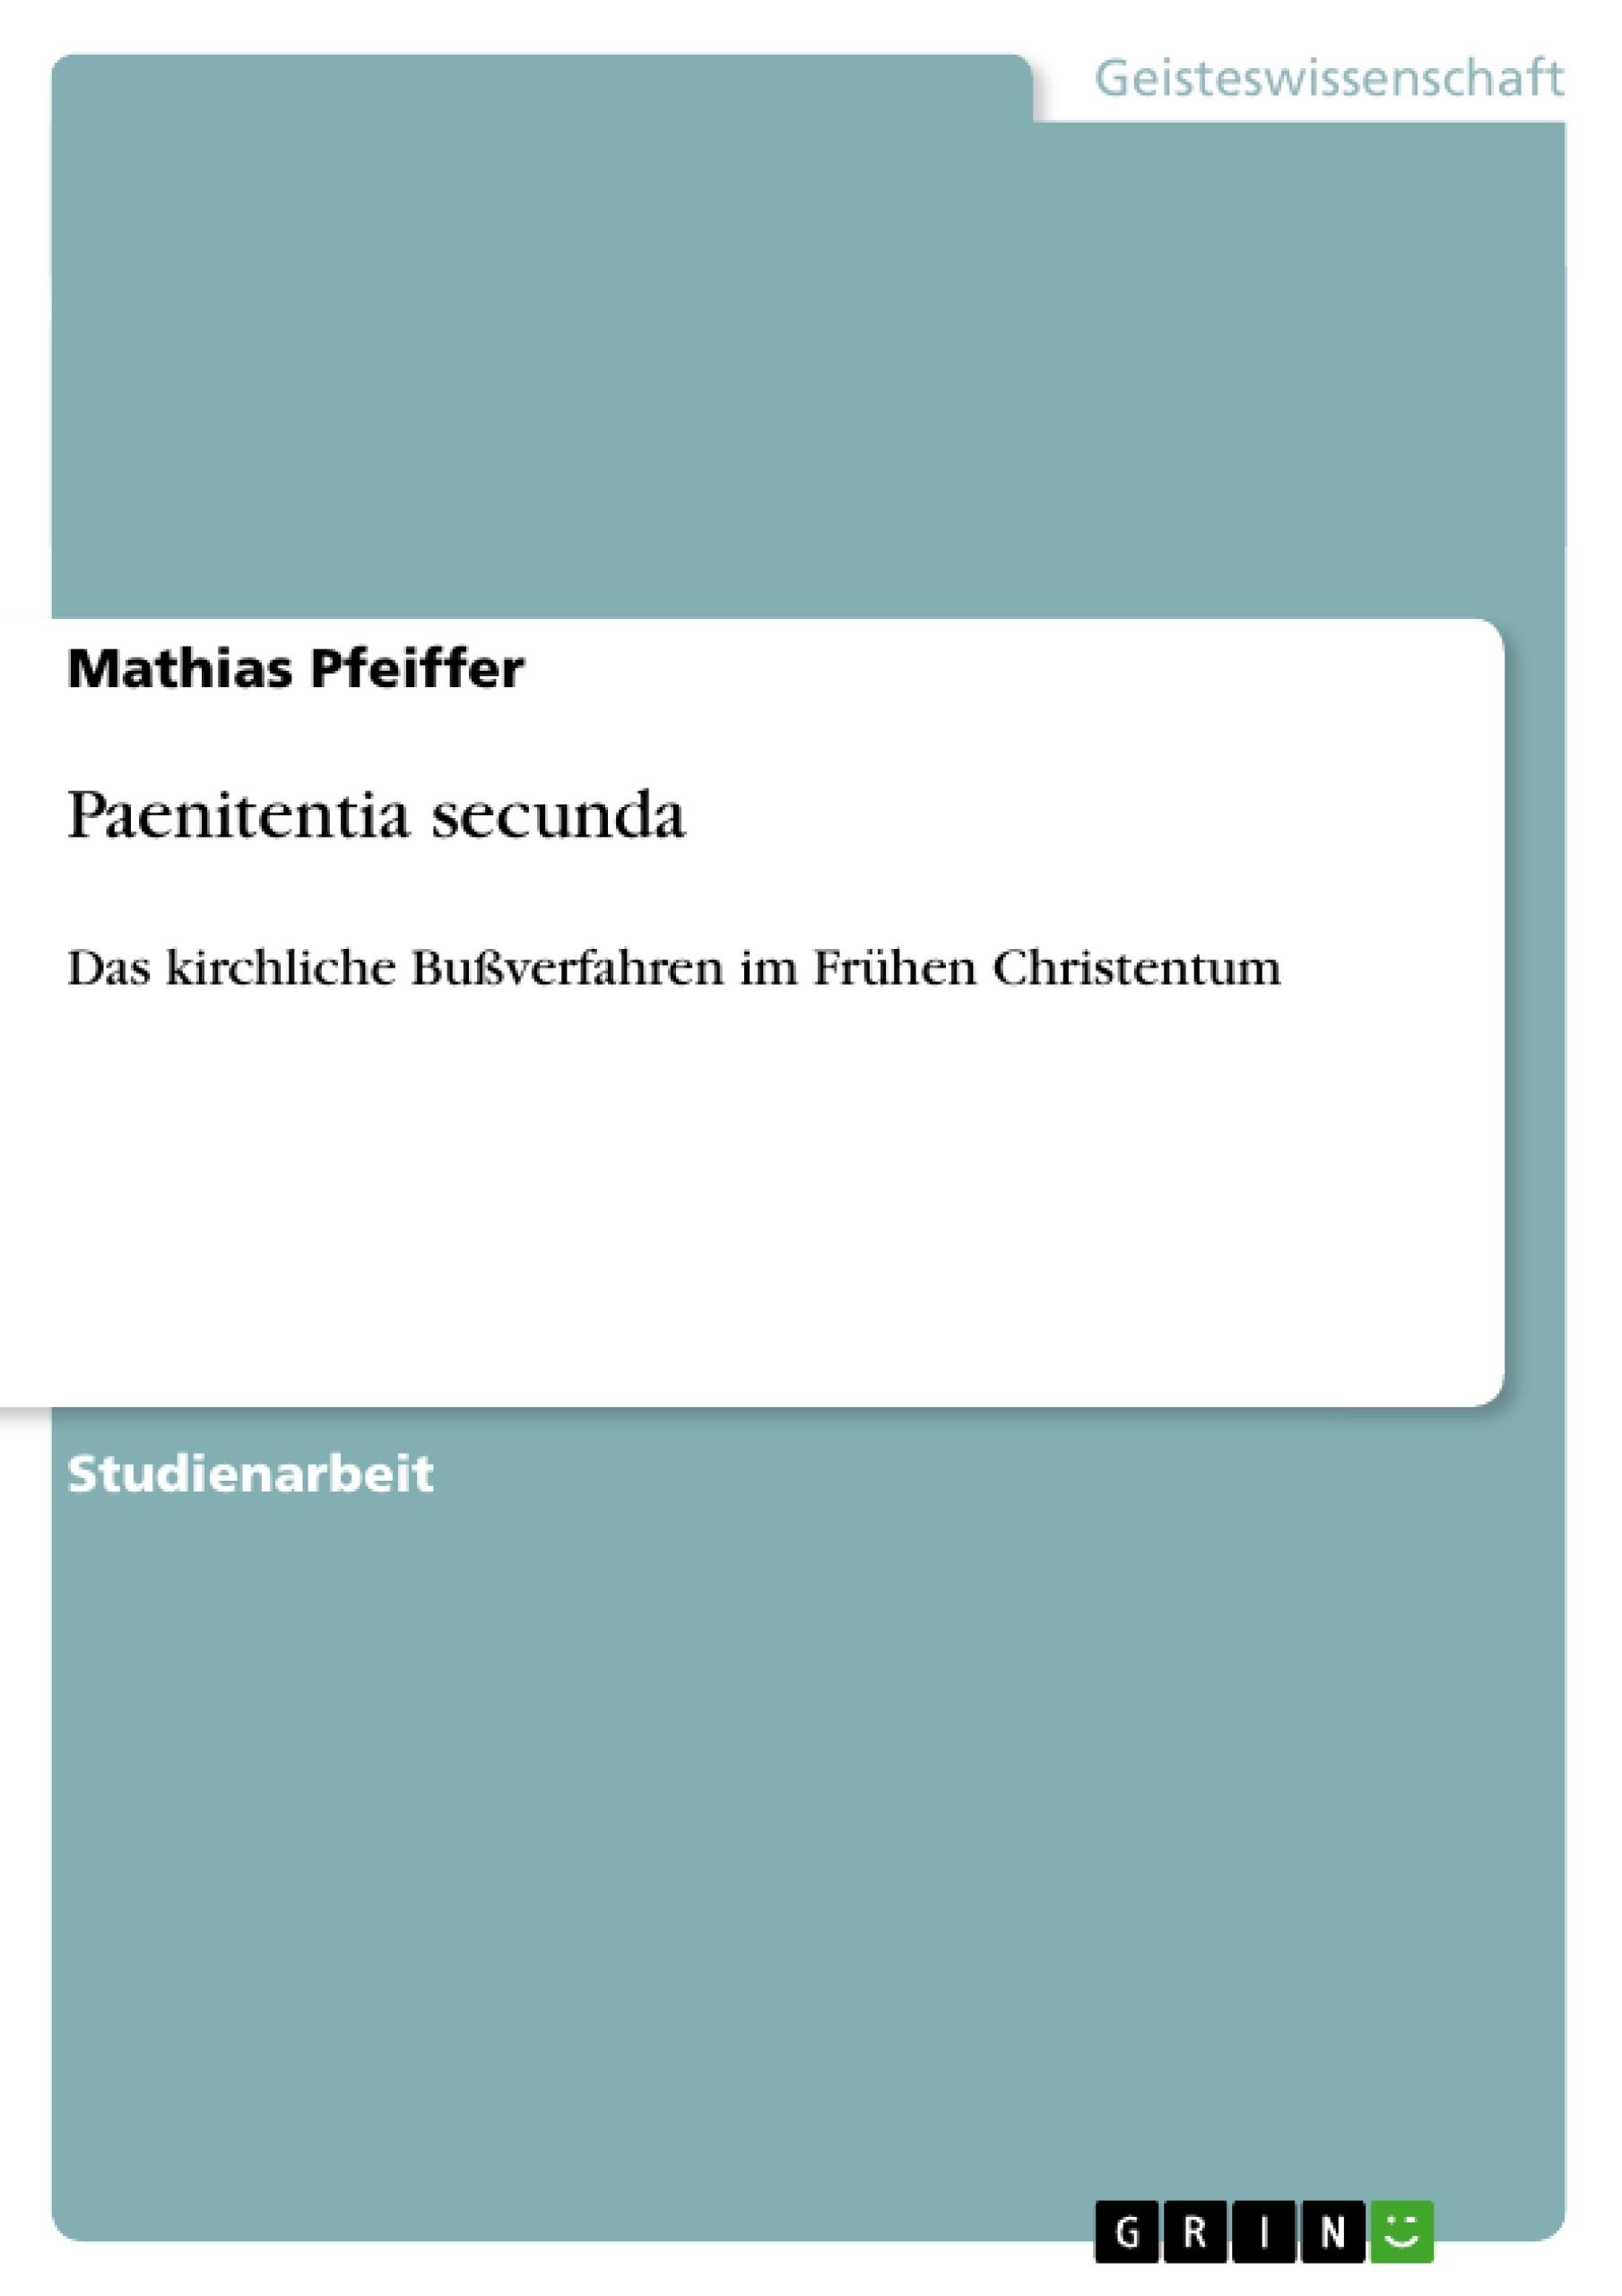 Titel: Paenitentia secunda